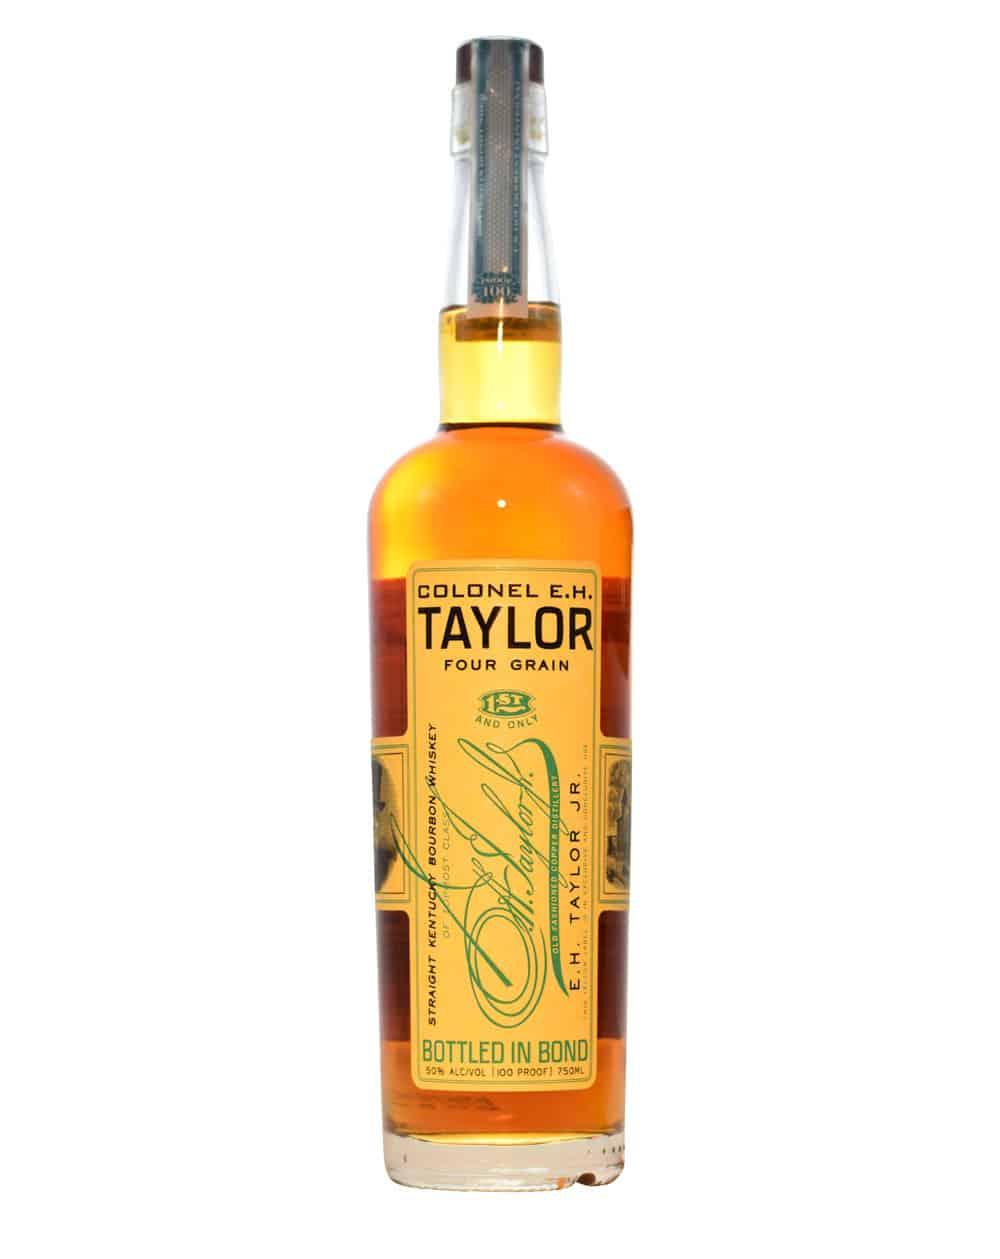 E.H. Taylor Four Grain